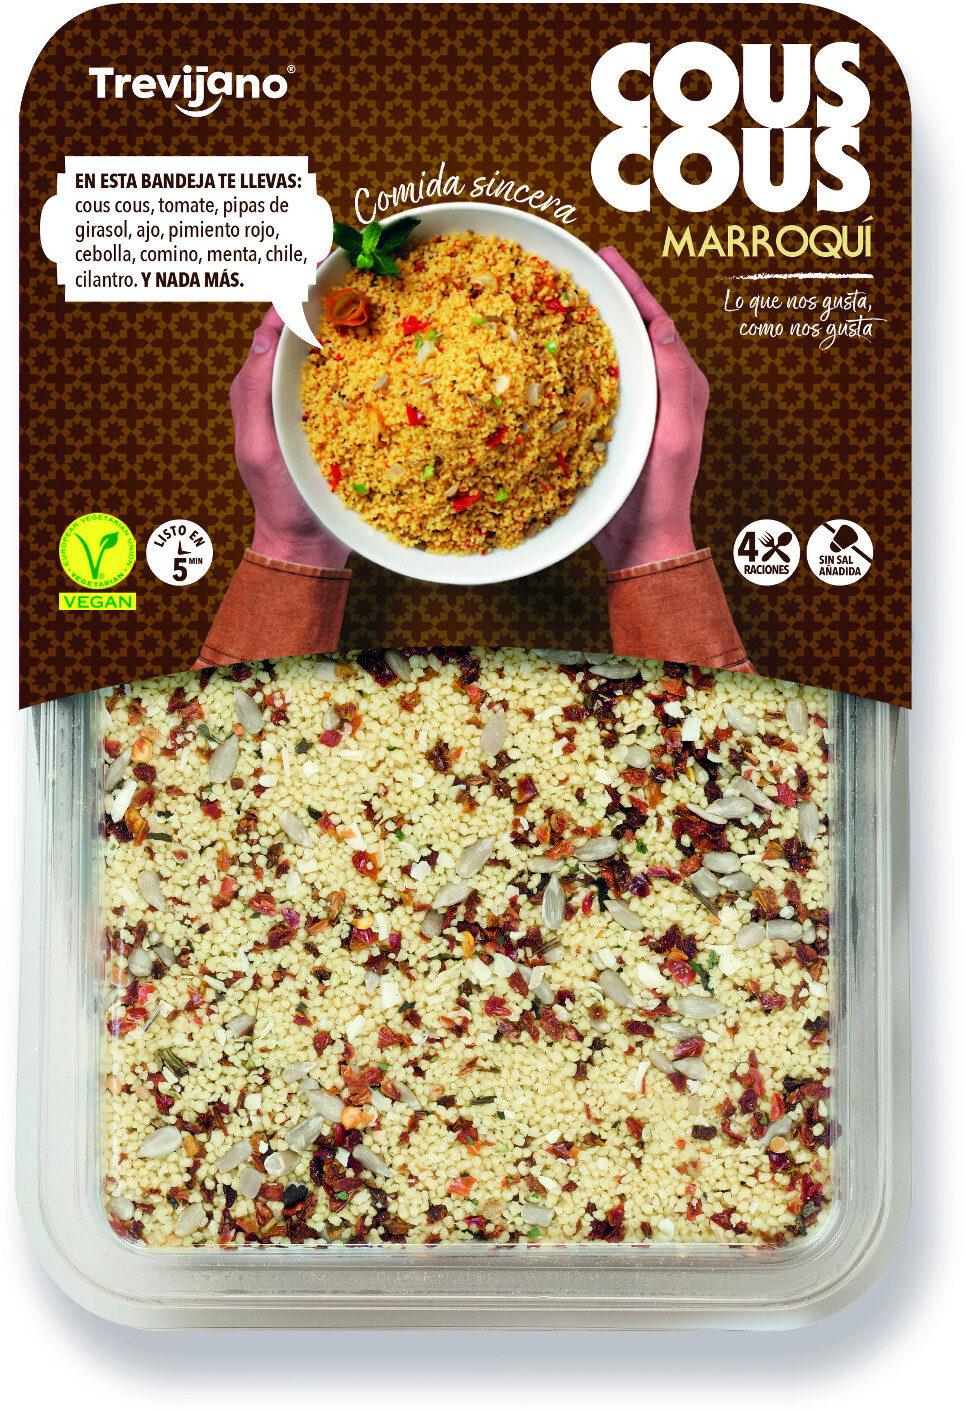 Cous Cous Marroquí - Product